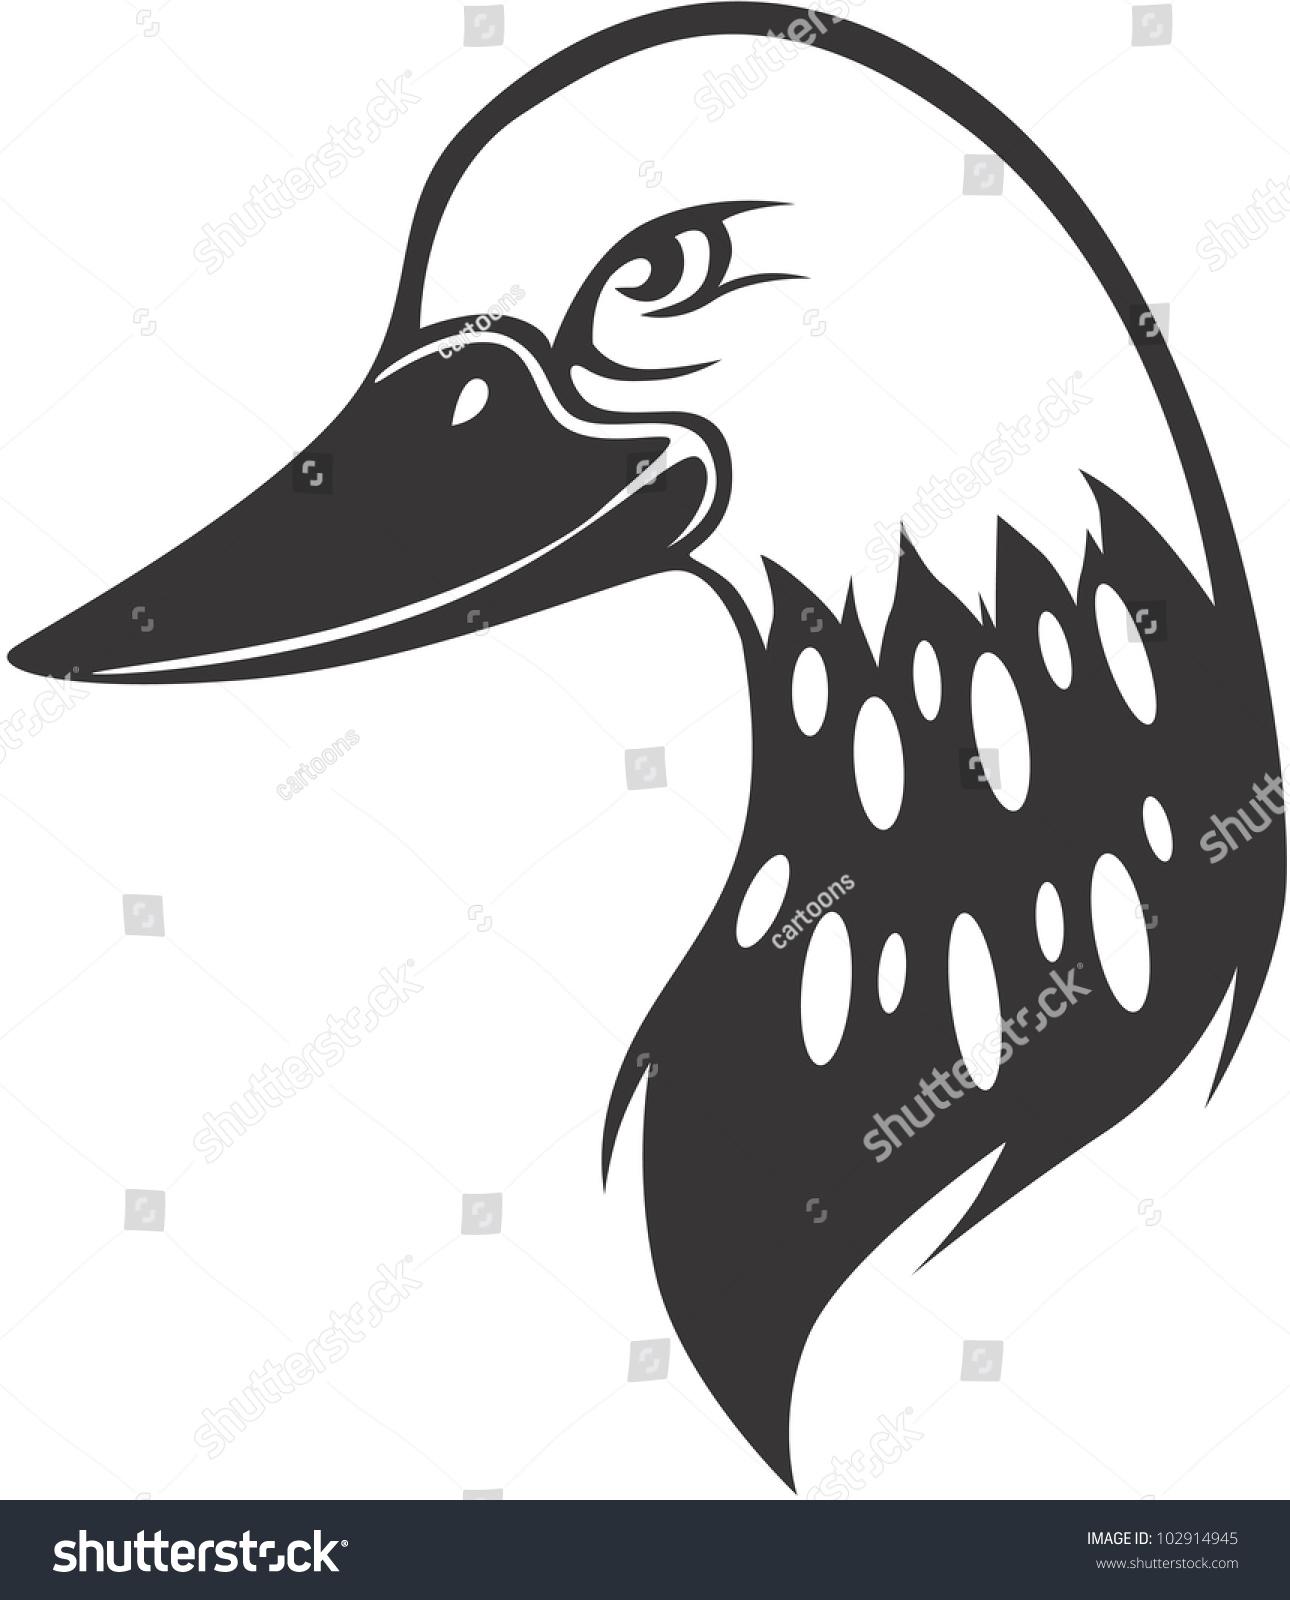 Creative Common Loon Bird Illustration - 102914945 ...